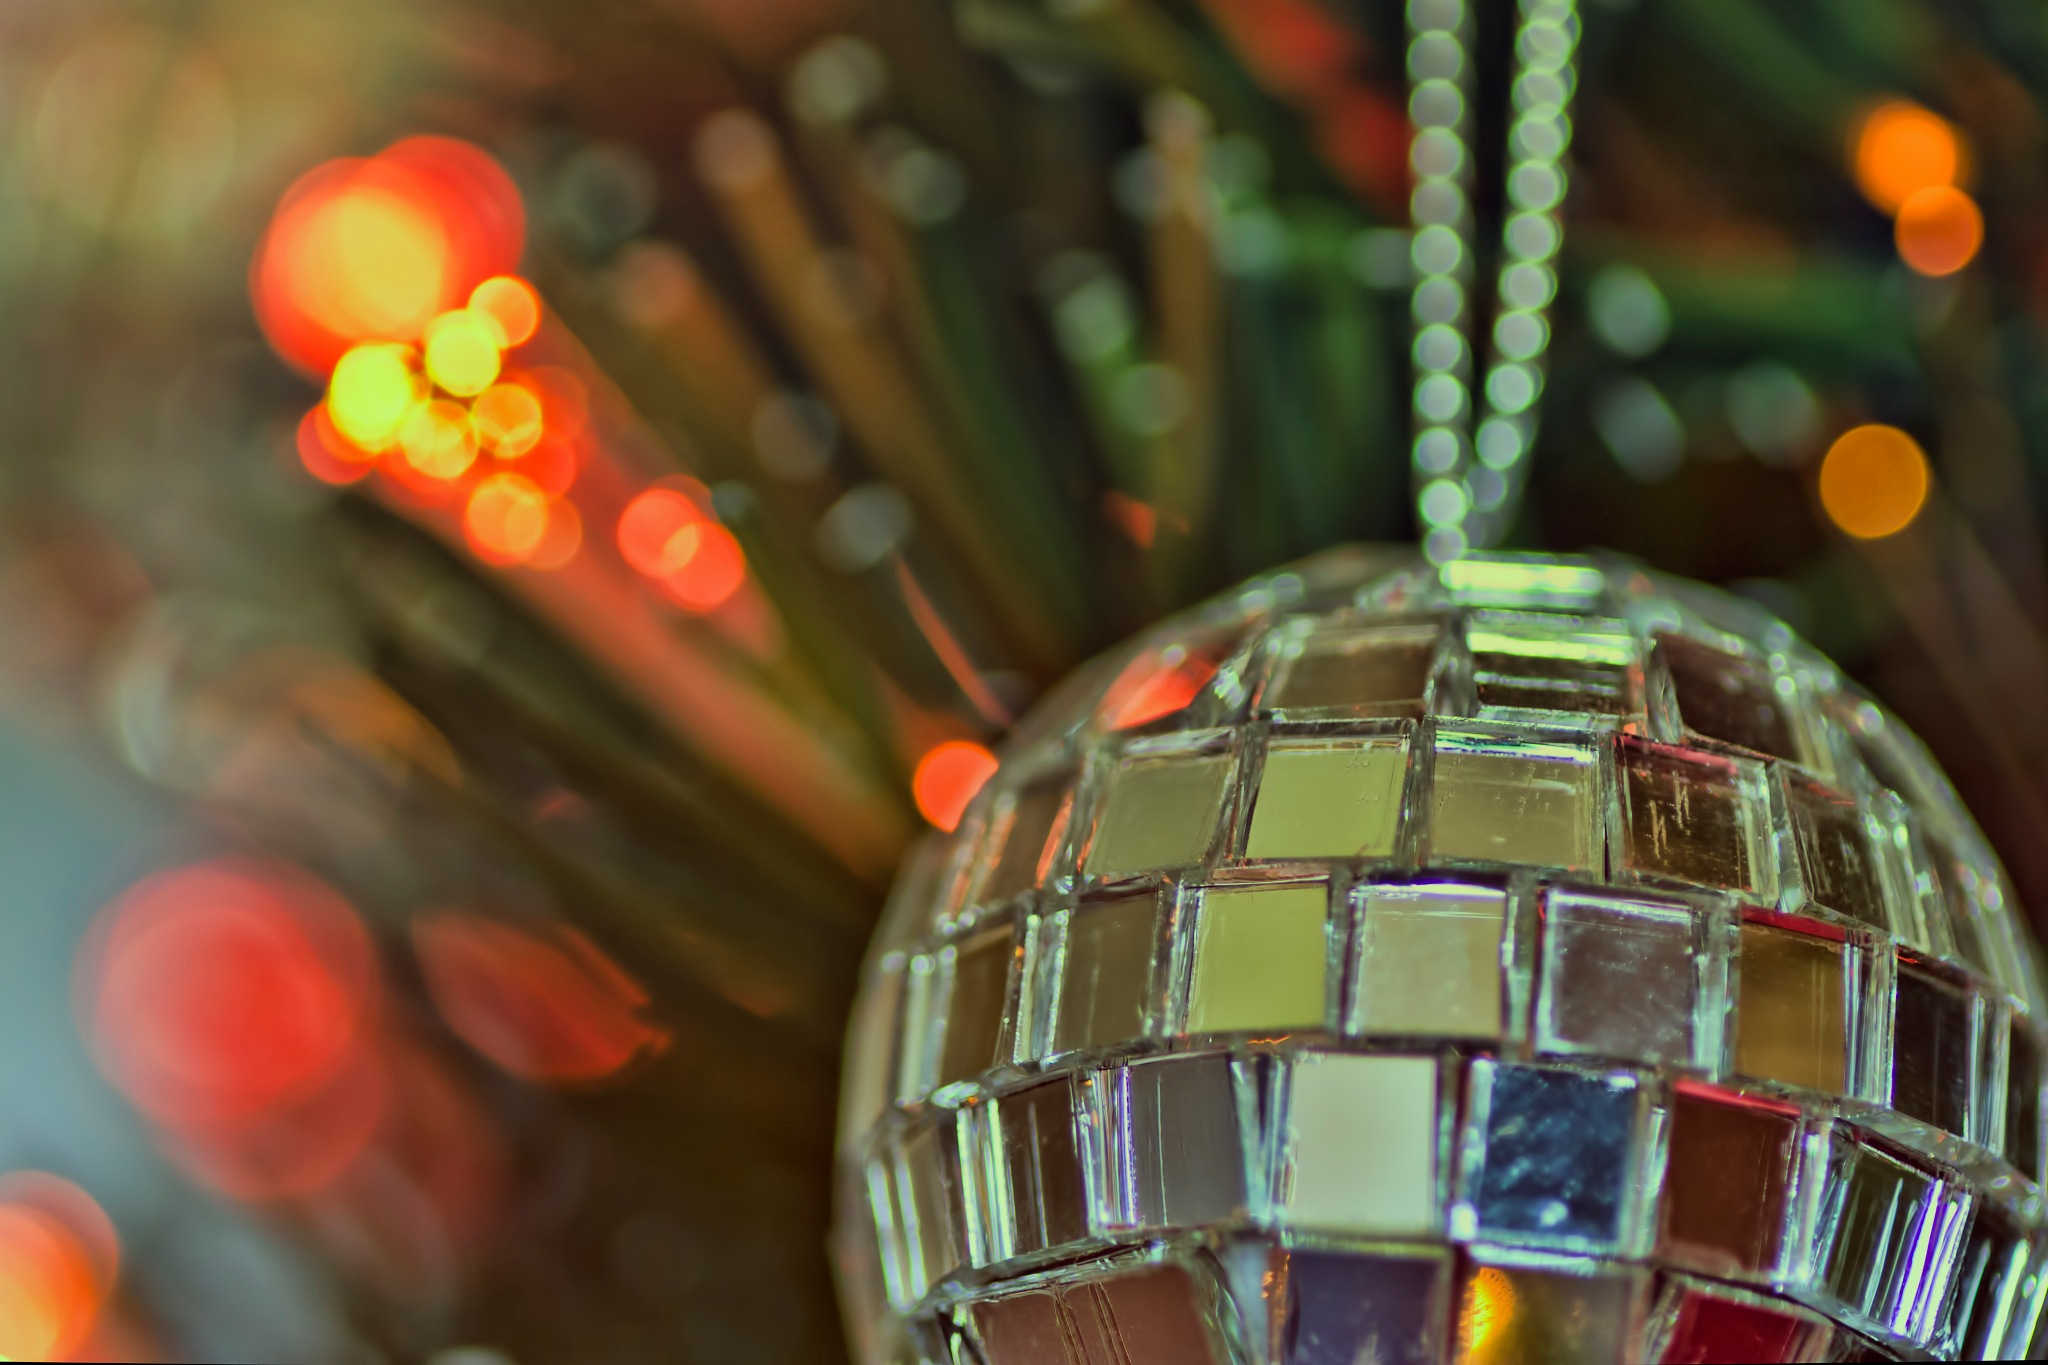 festive bokeh by plw1053